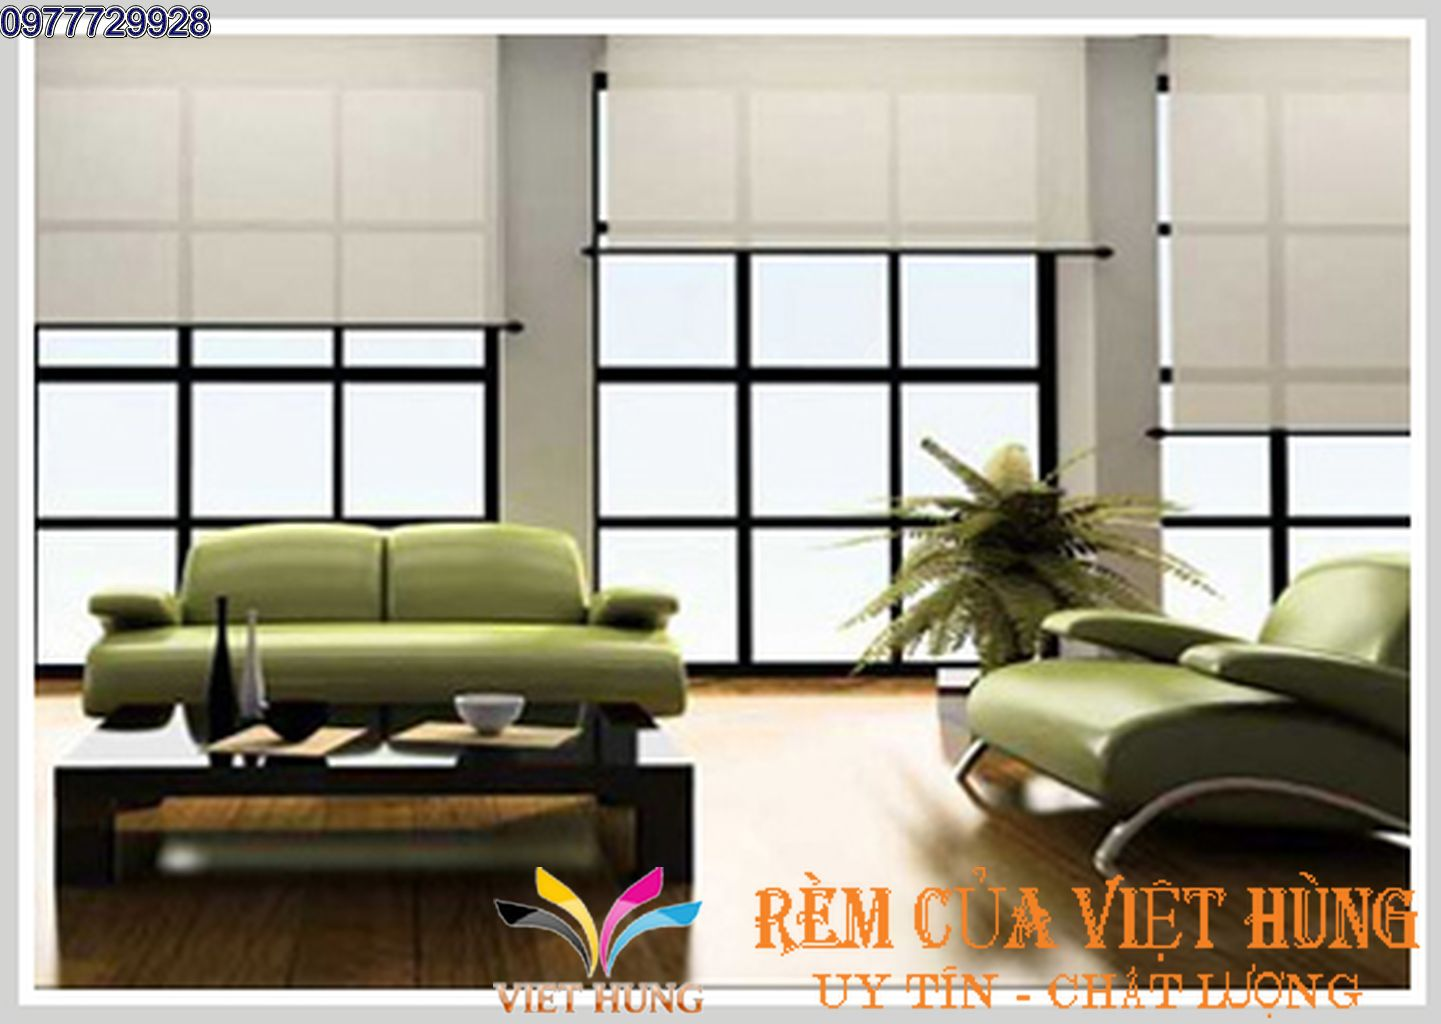 Rèm Cuốn Trơn - RCVH30